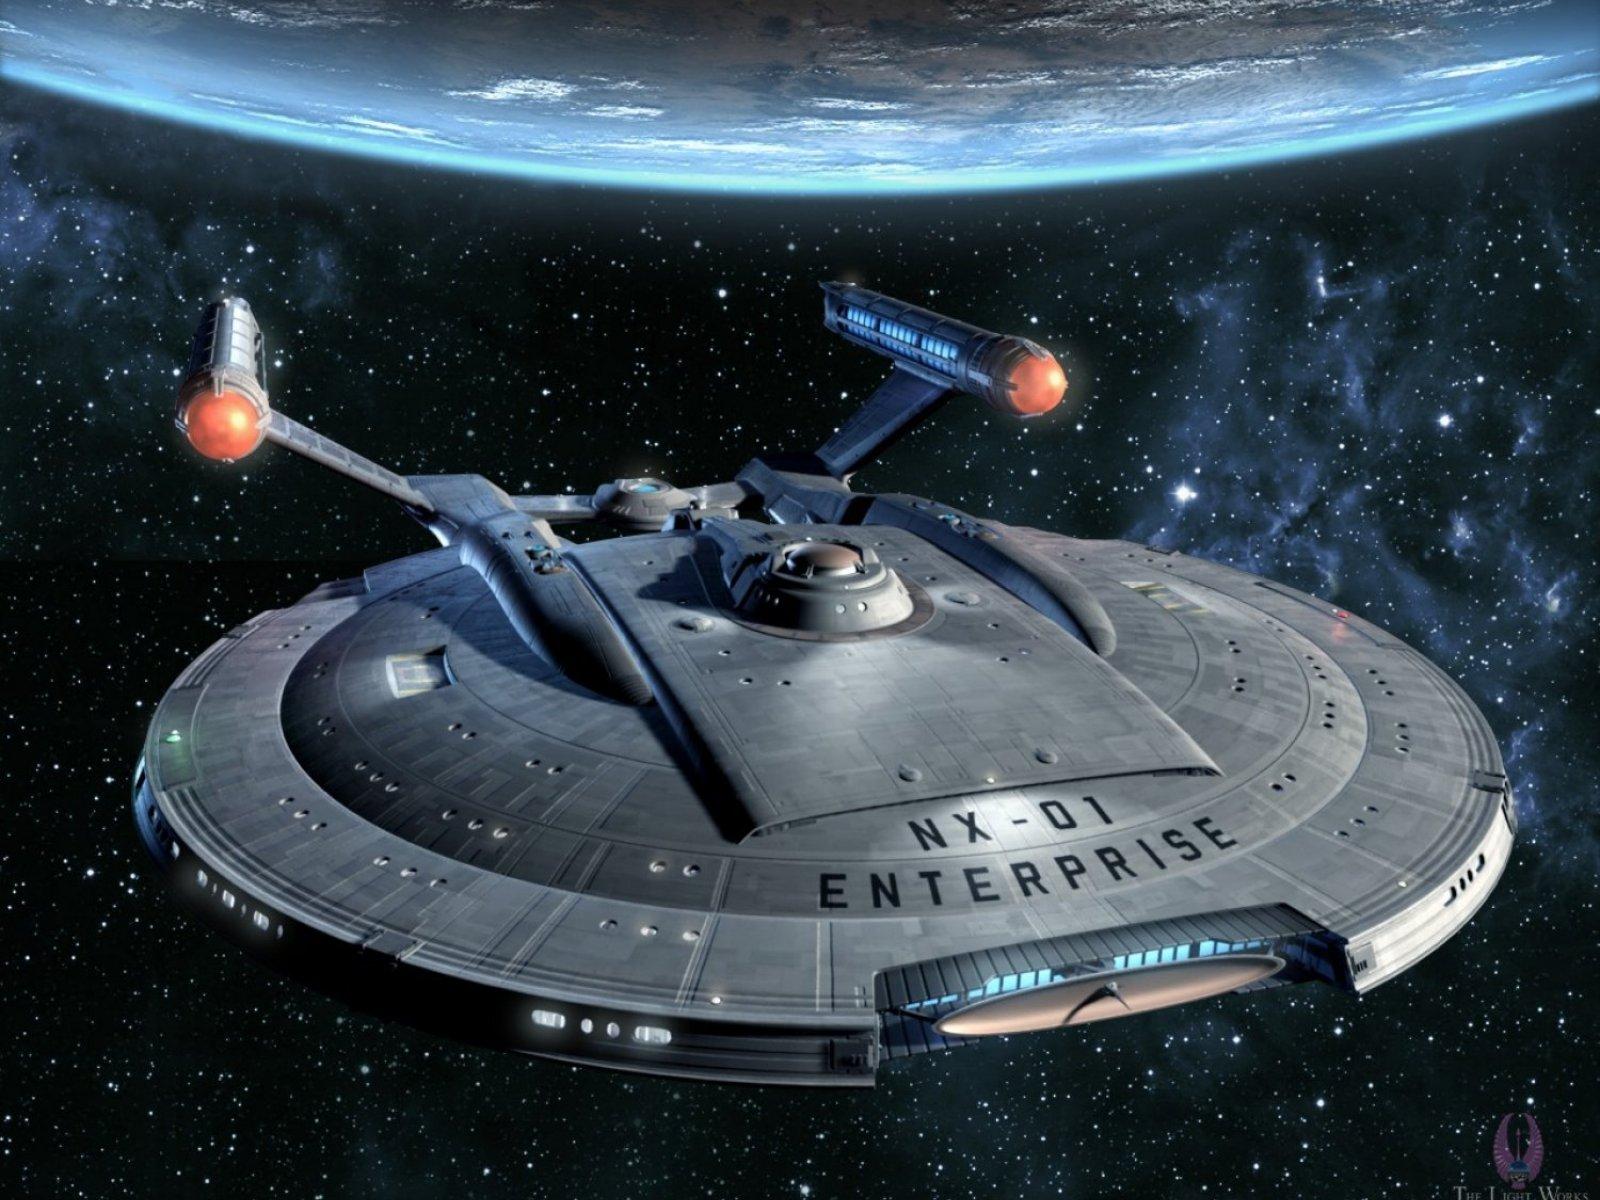 Resultado de imagem para enterprise nx